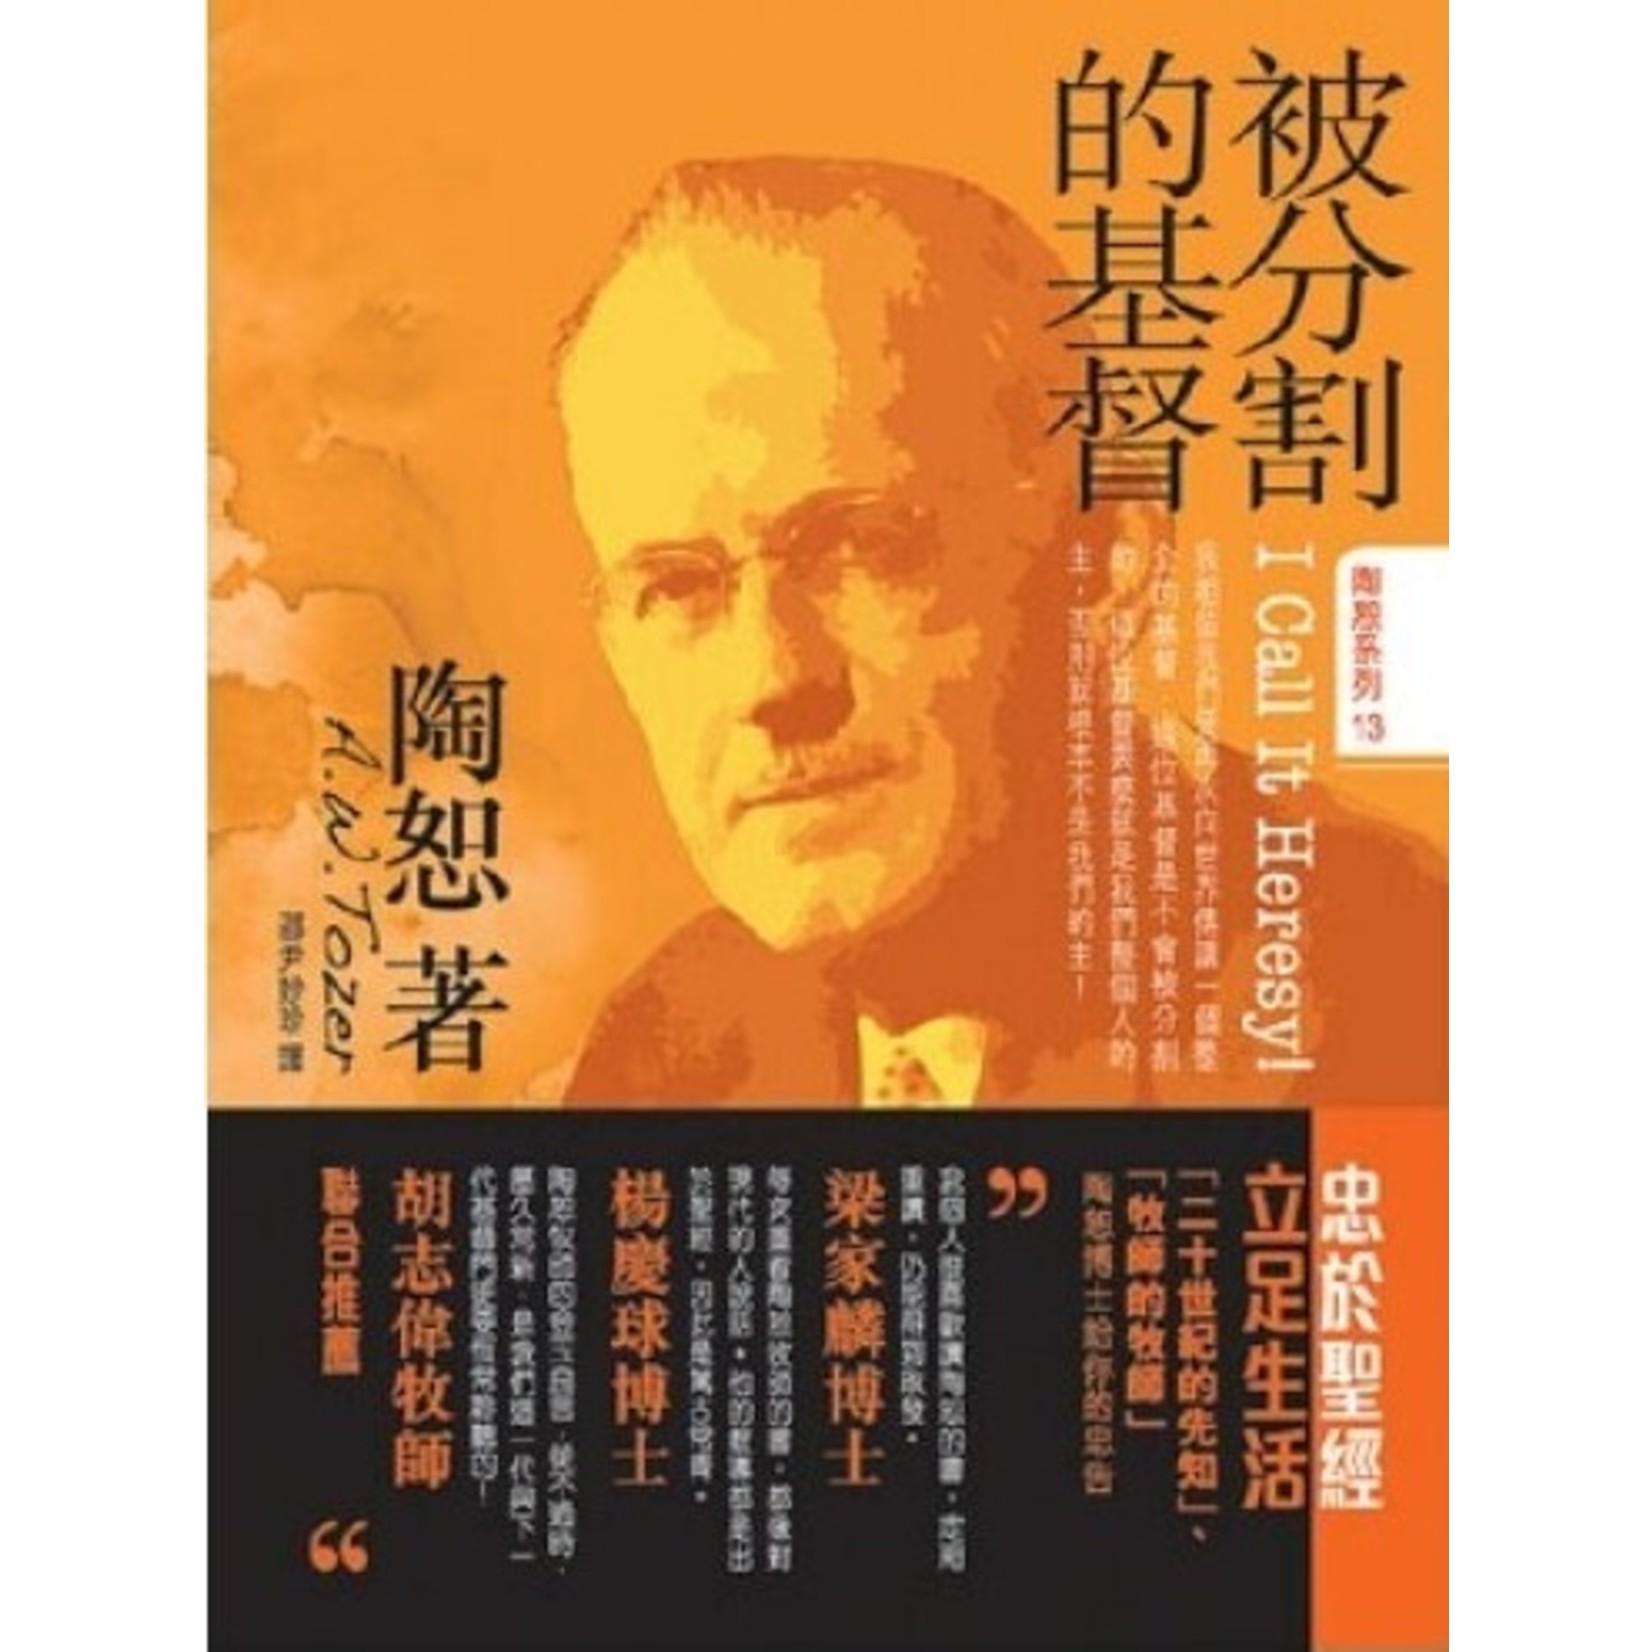 宣道 China Alliance Press 陶恕系列13:被分割的基督 I Call It Heresy!